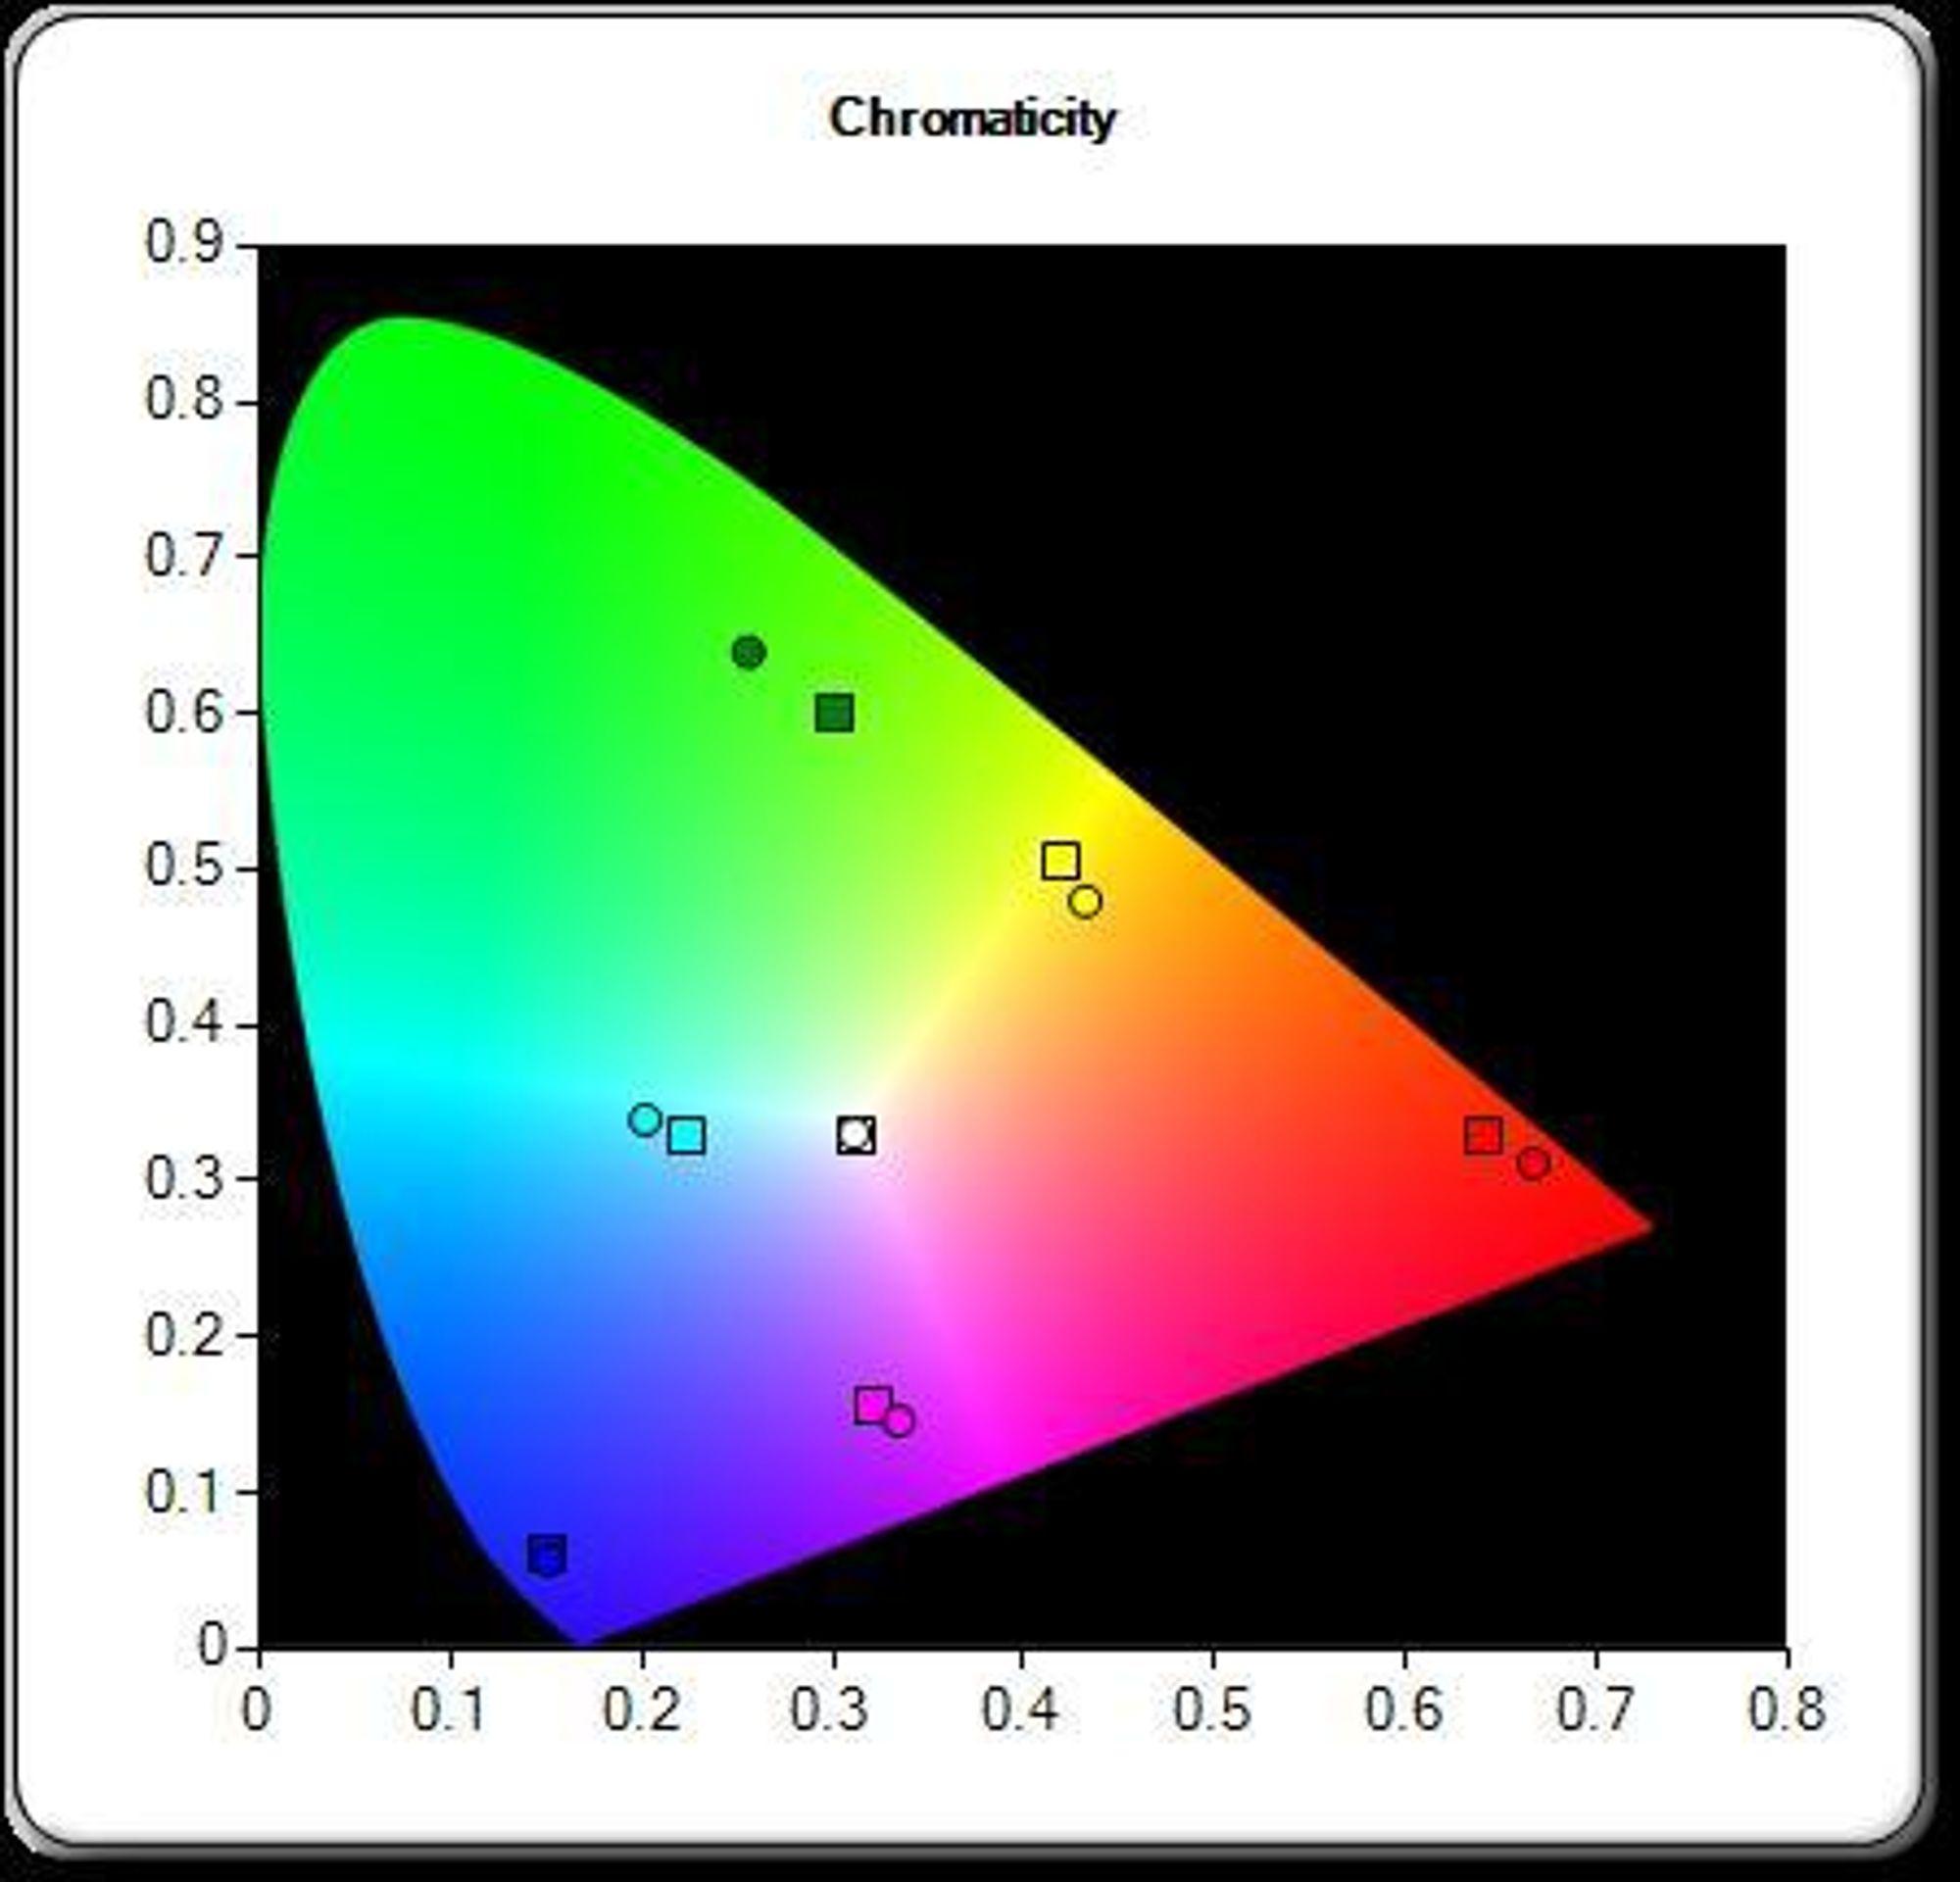 Fargene på HDR+-modusen gir en ganske presis hvitfarge.